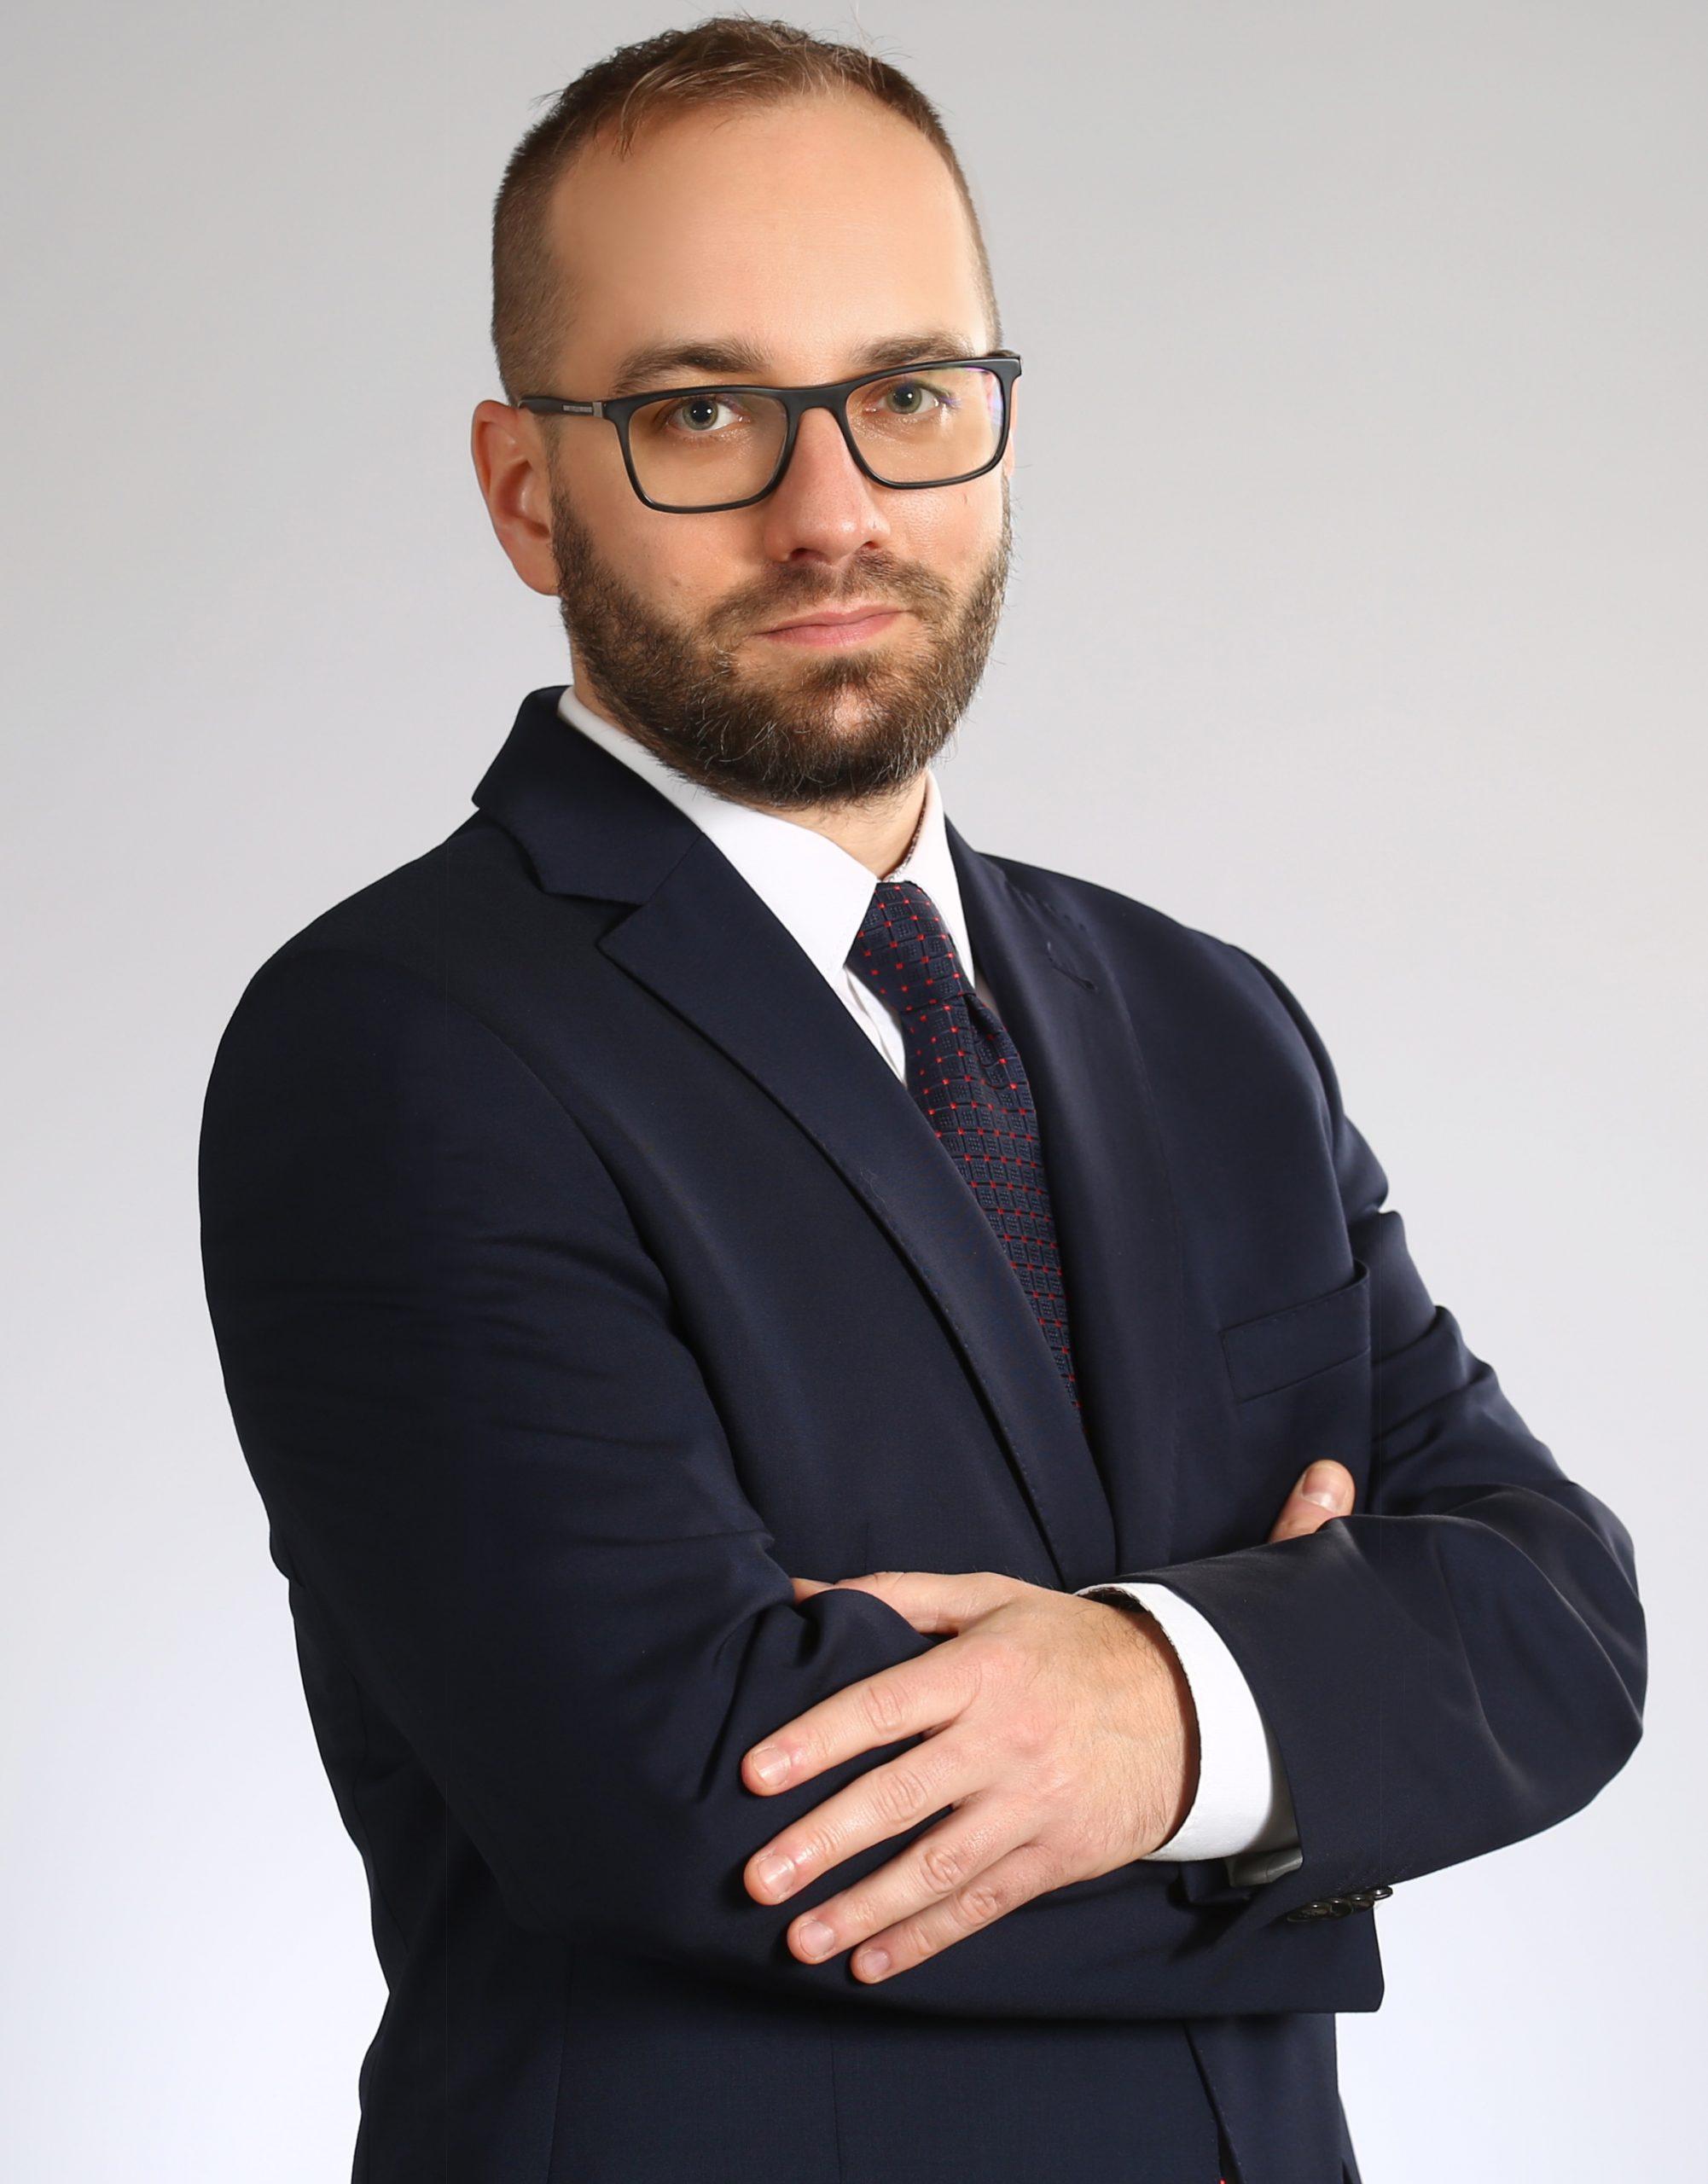 M. Świętnicki - Duże po edycji